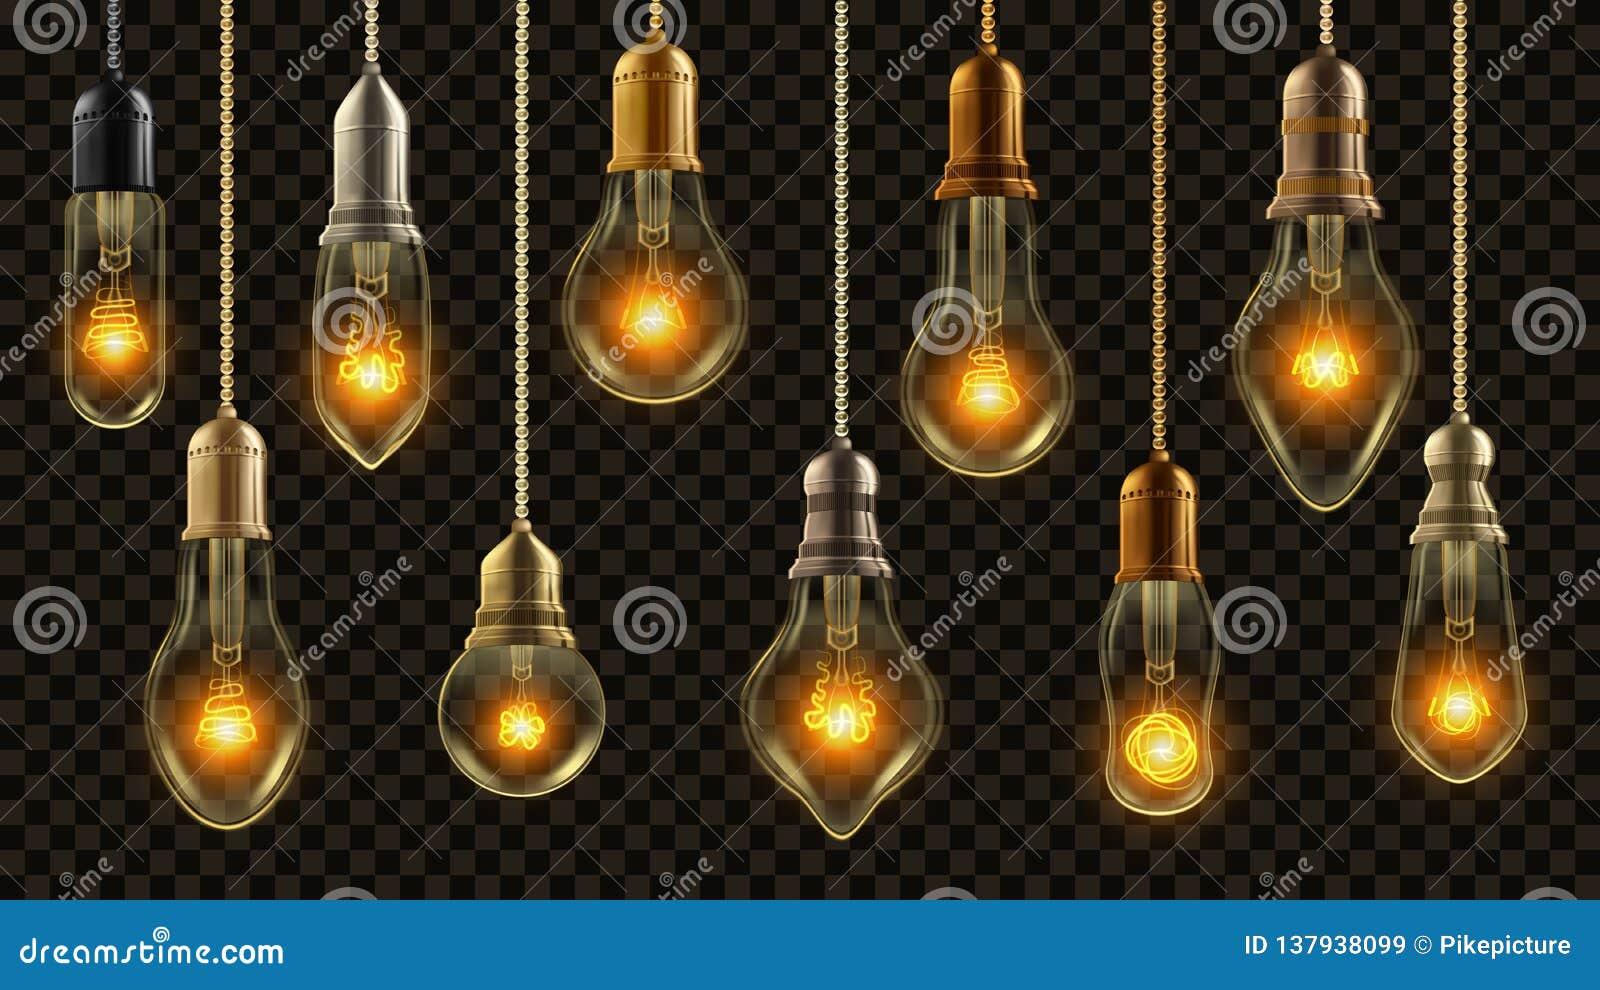 Gloeilampen Uitstekende Vastgestelde Vector Het gloeien glanst Lamp Transparante 3D Realistische Elektrische Retro Zolder of Stea